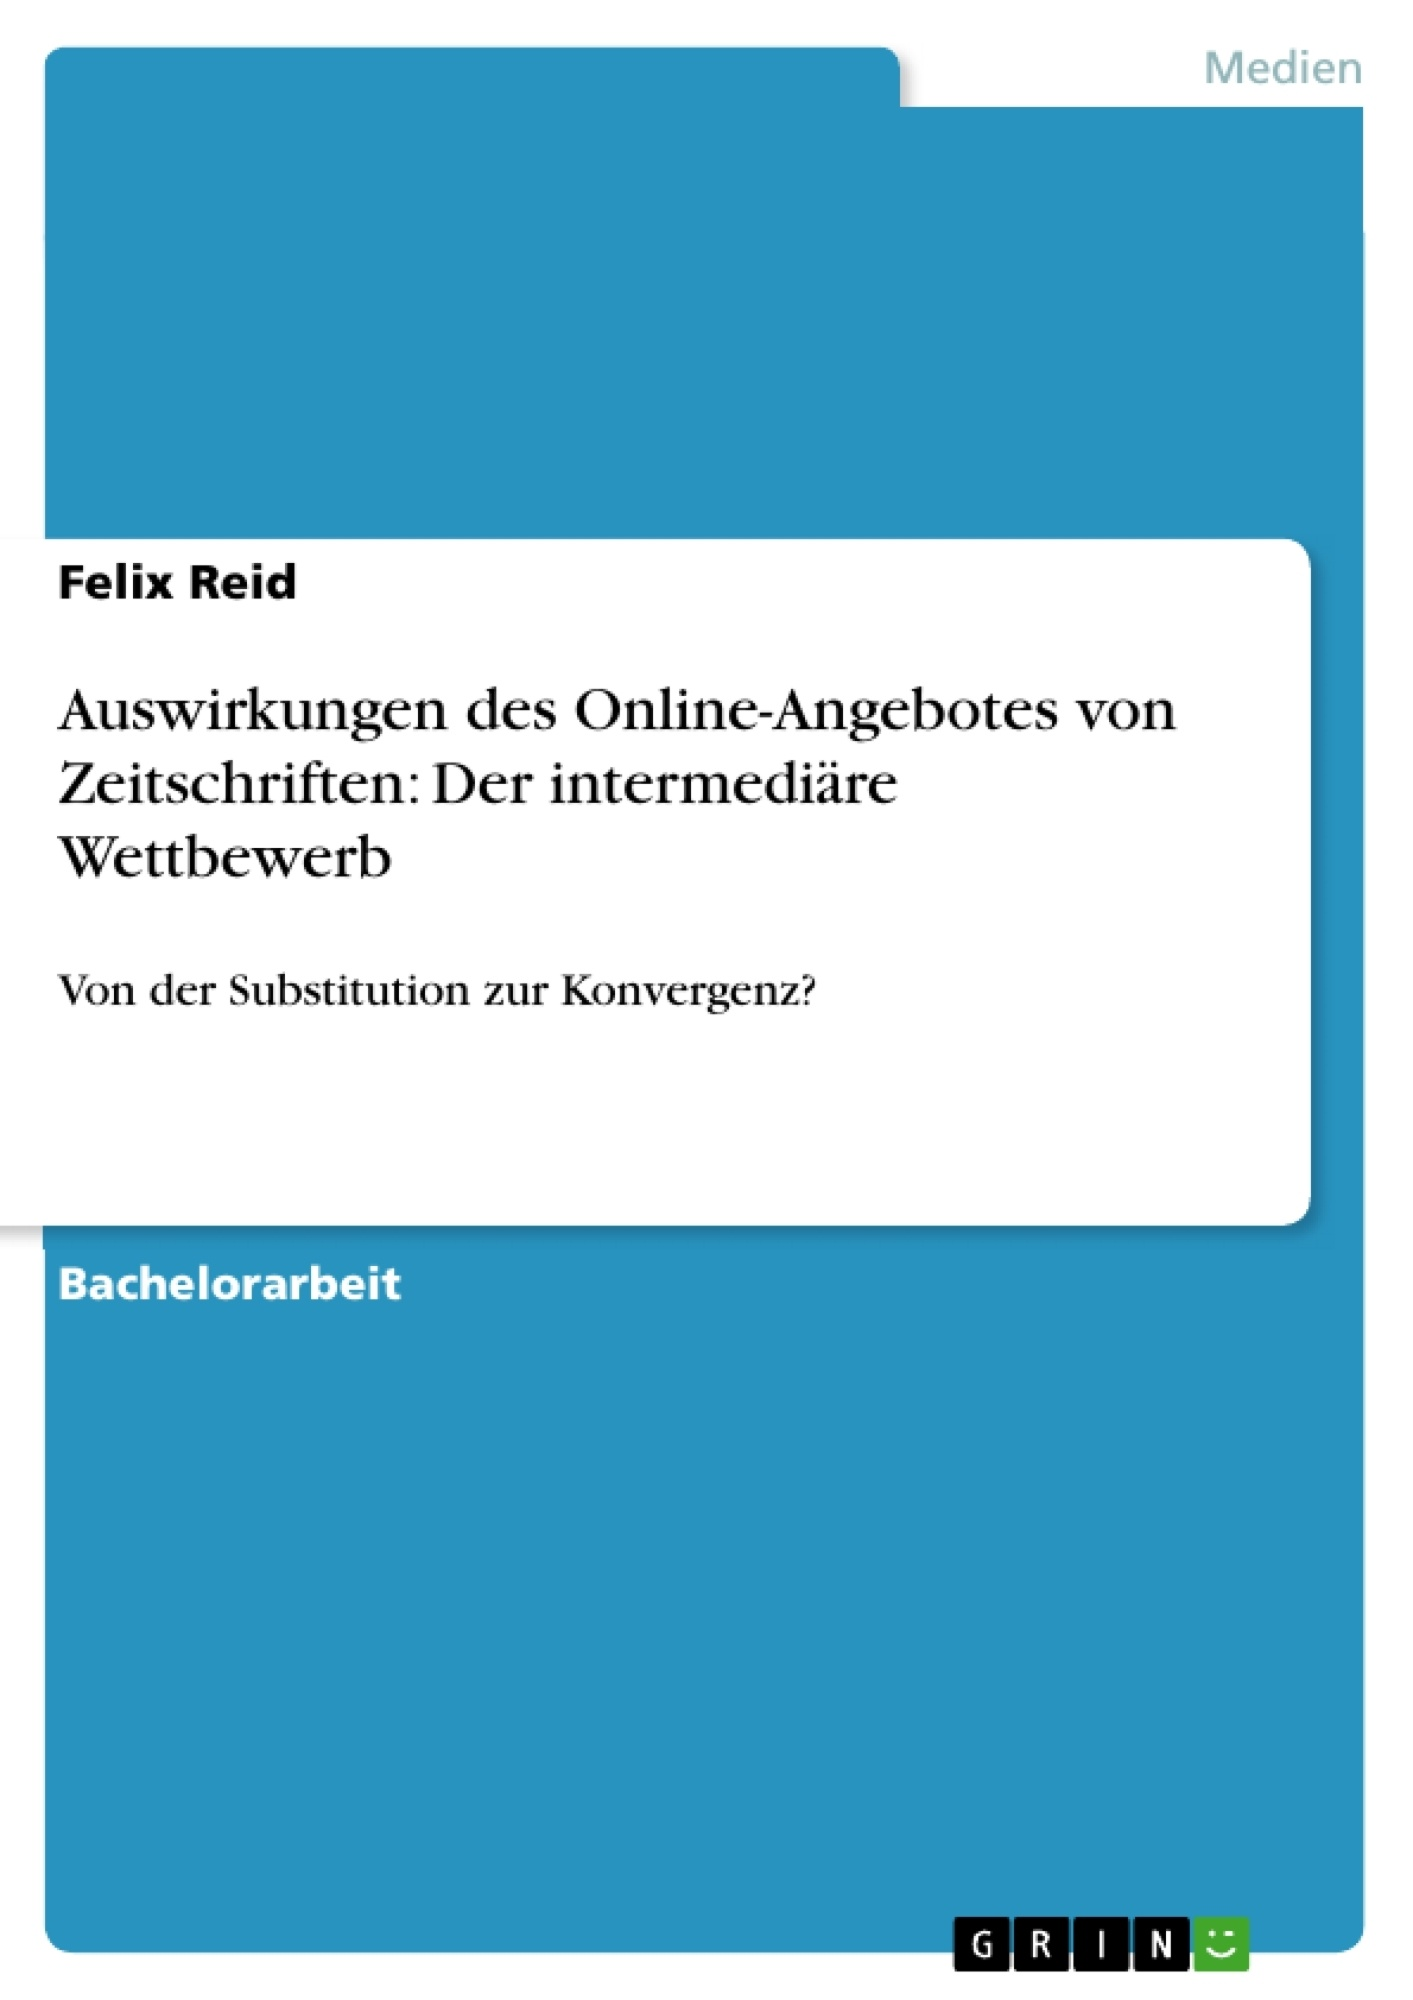 Titel: Auswirkungen des Online-Angebotes von Zeitschriften: Der intermediäre Wettbewerb